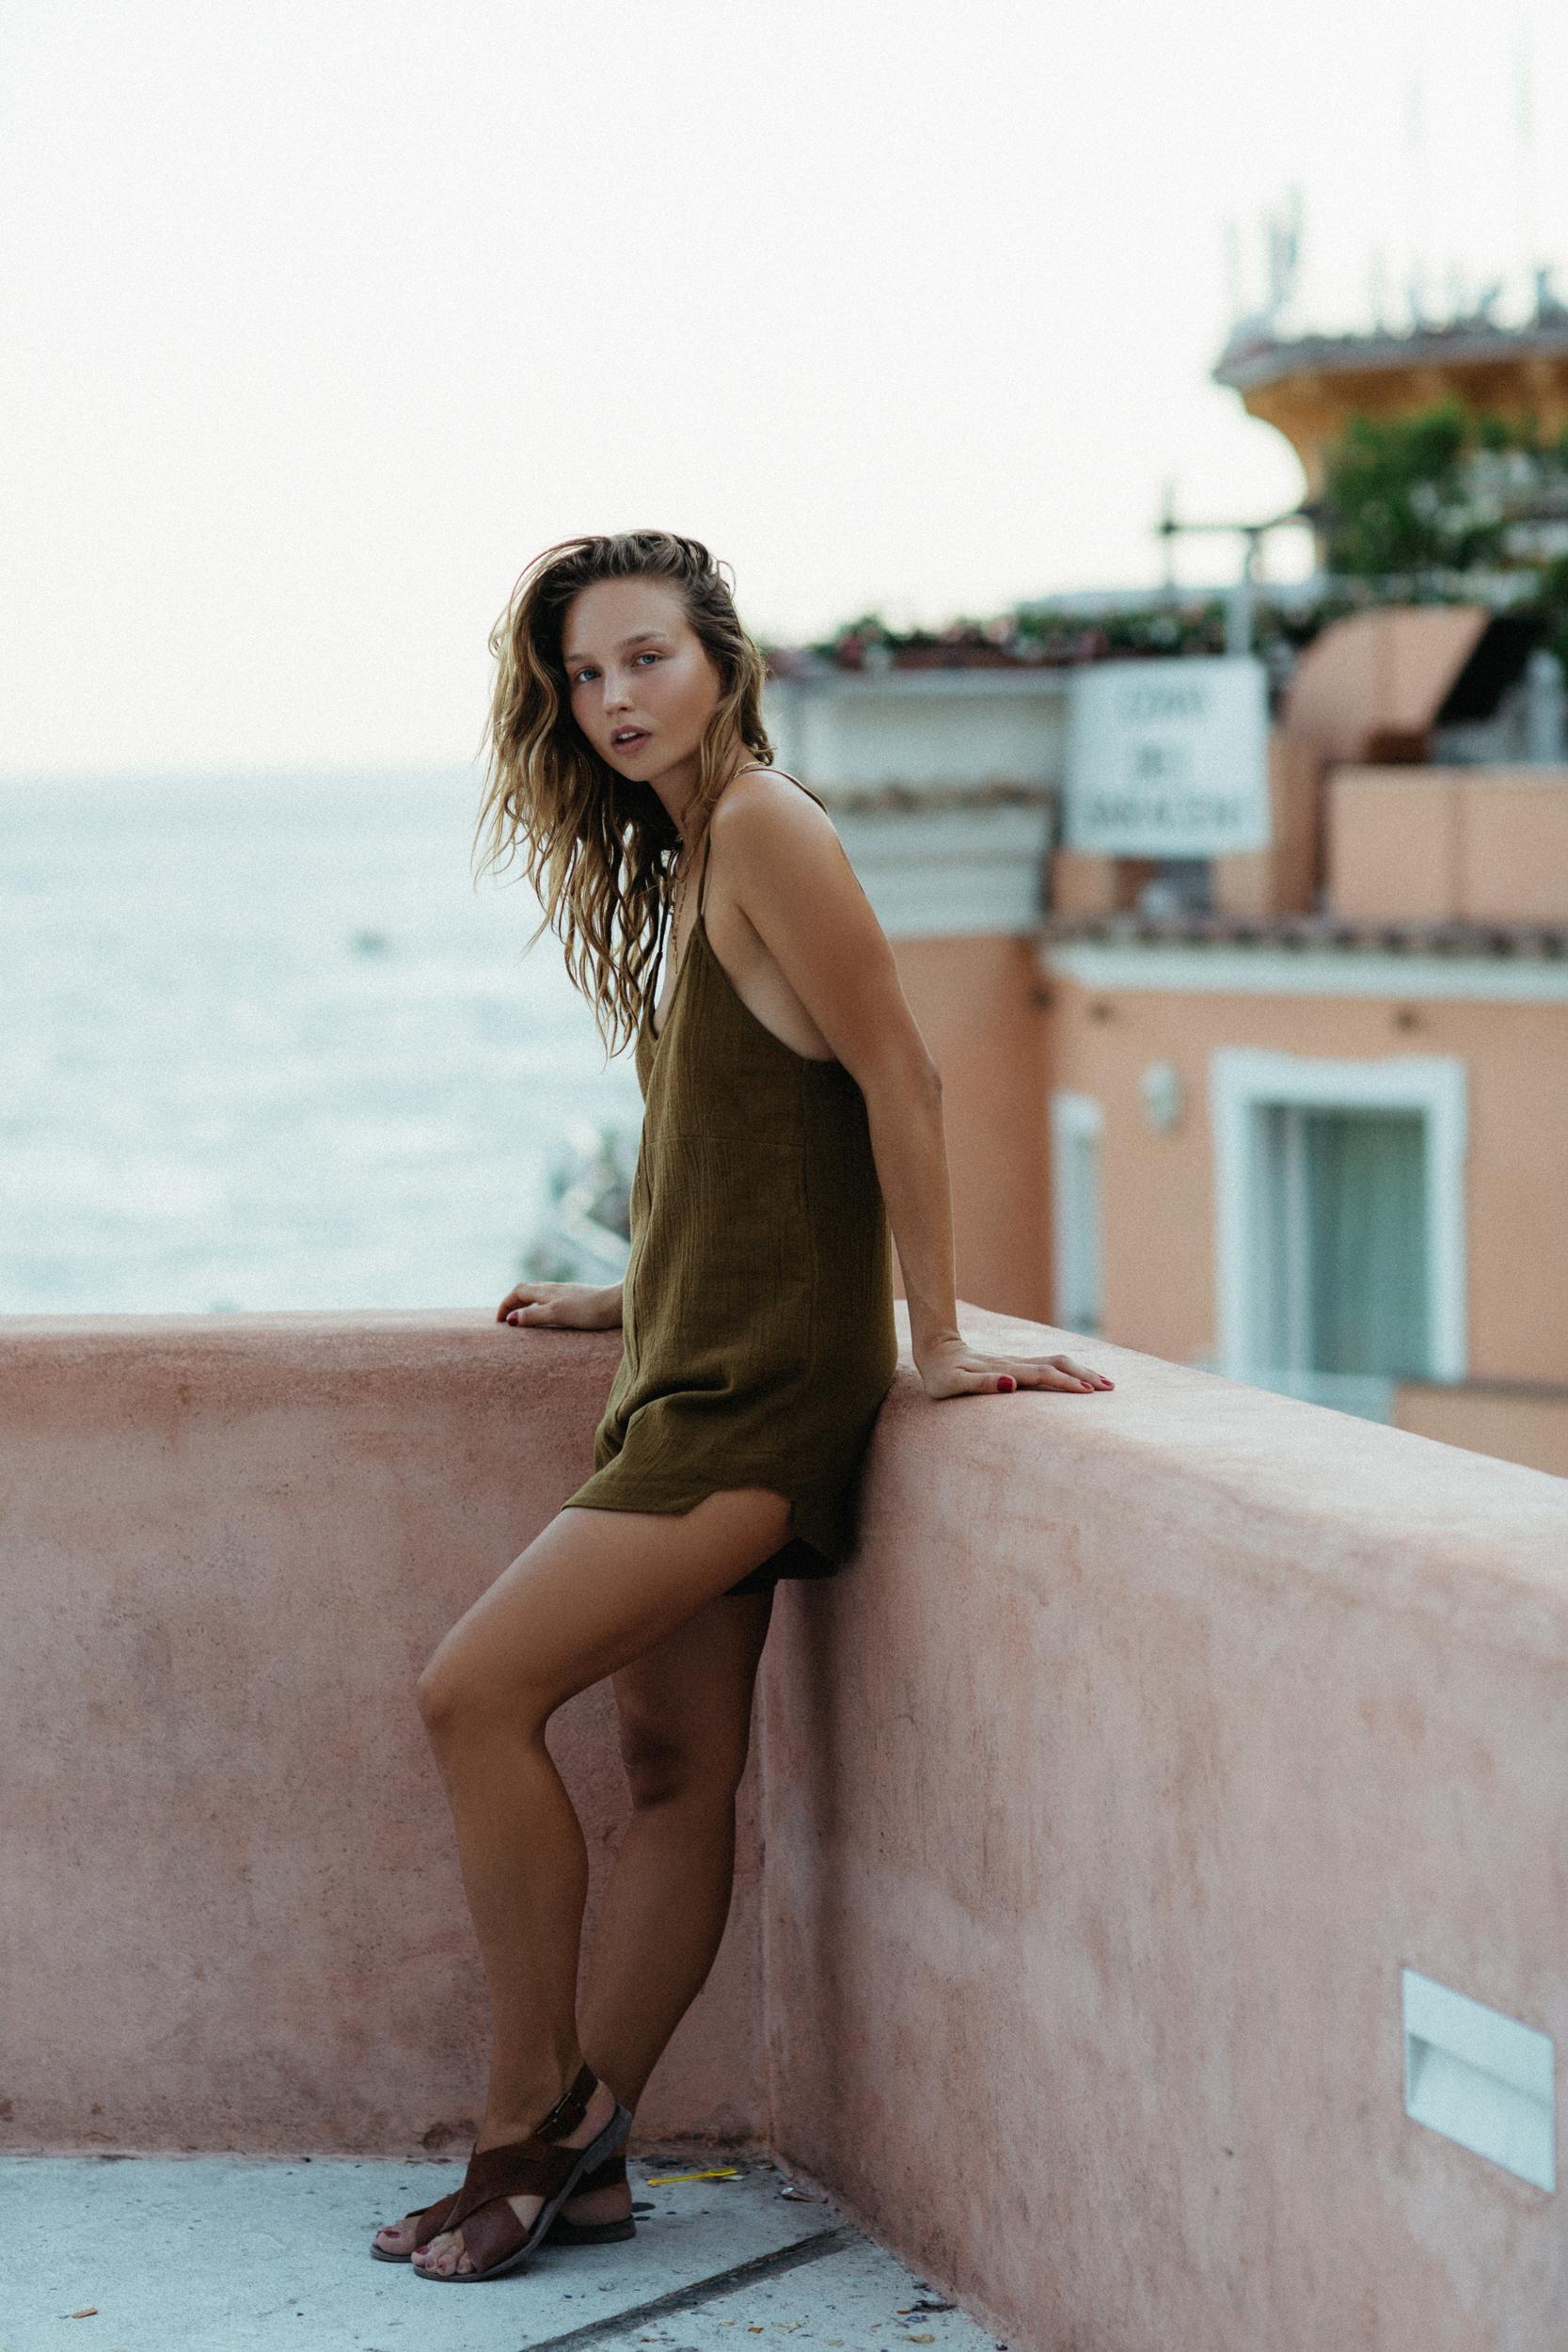 20170824_TBR_Positano_0897.jpg